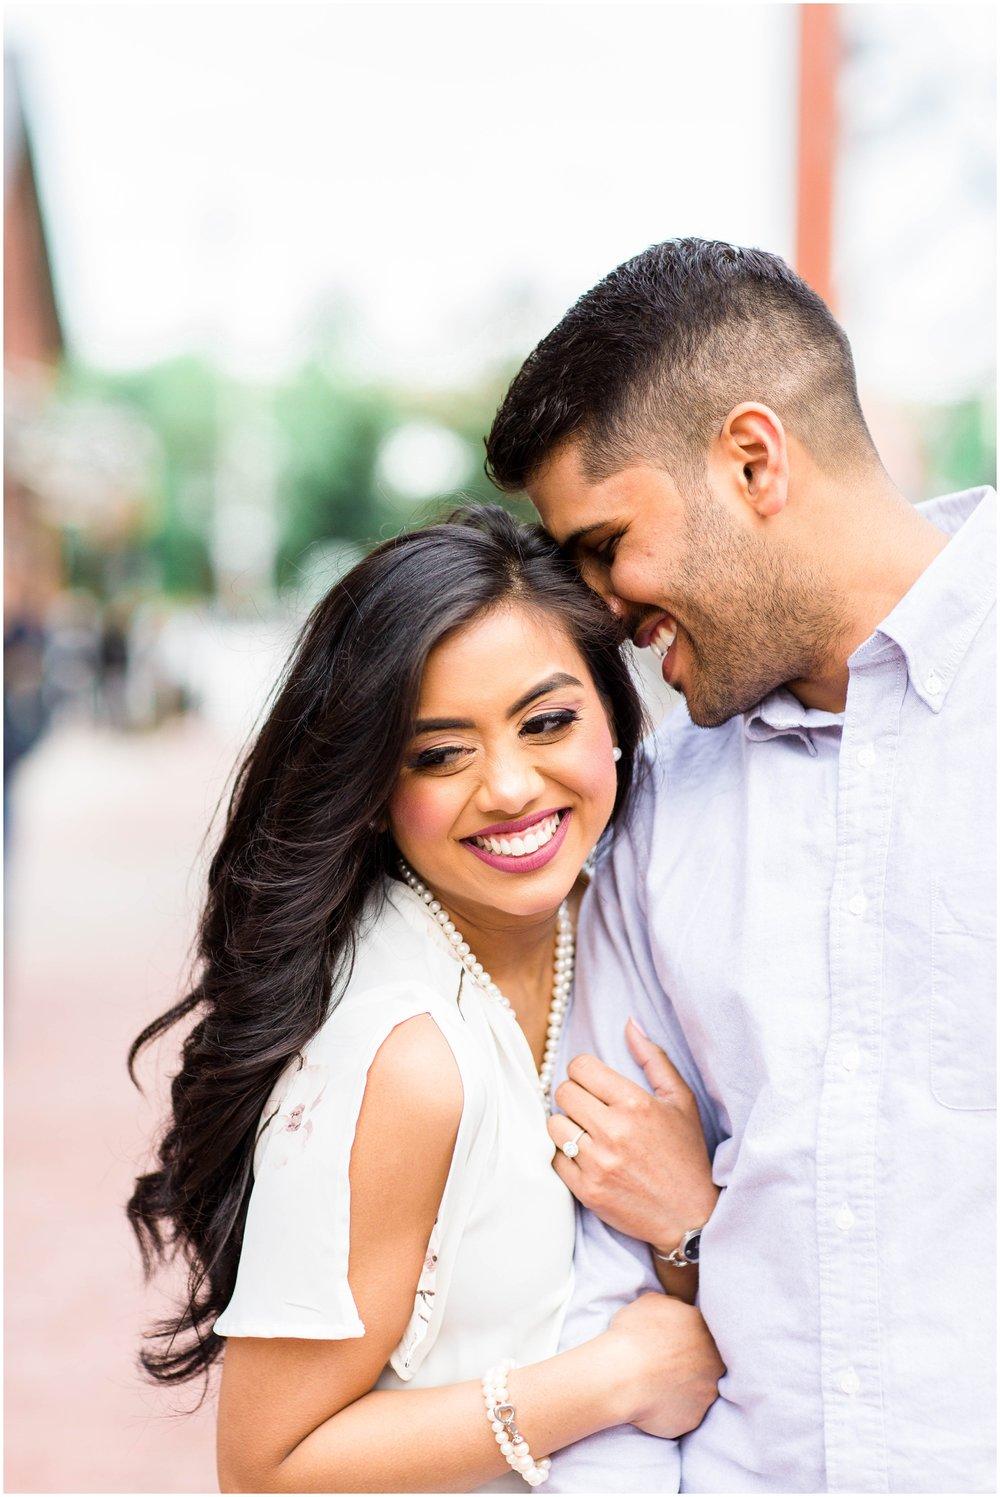 2017-Engagements-Toronto-Mississauga-GTA-Pakistani-Indian-Wedding-Photography-Photographer_0020.jpg